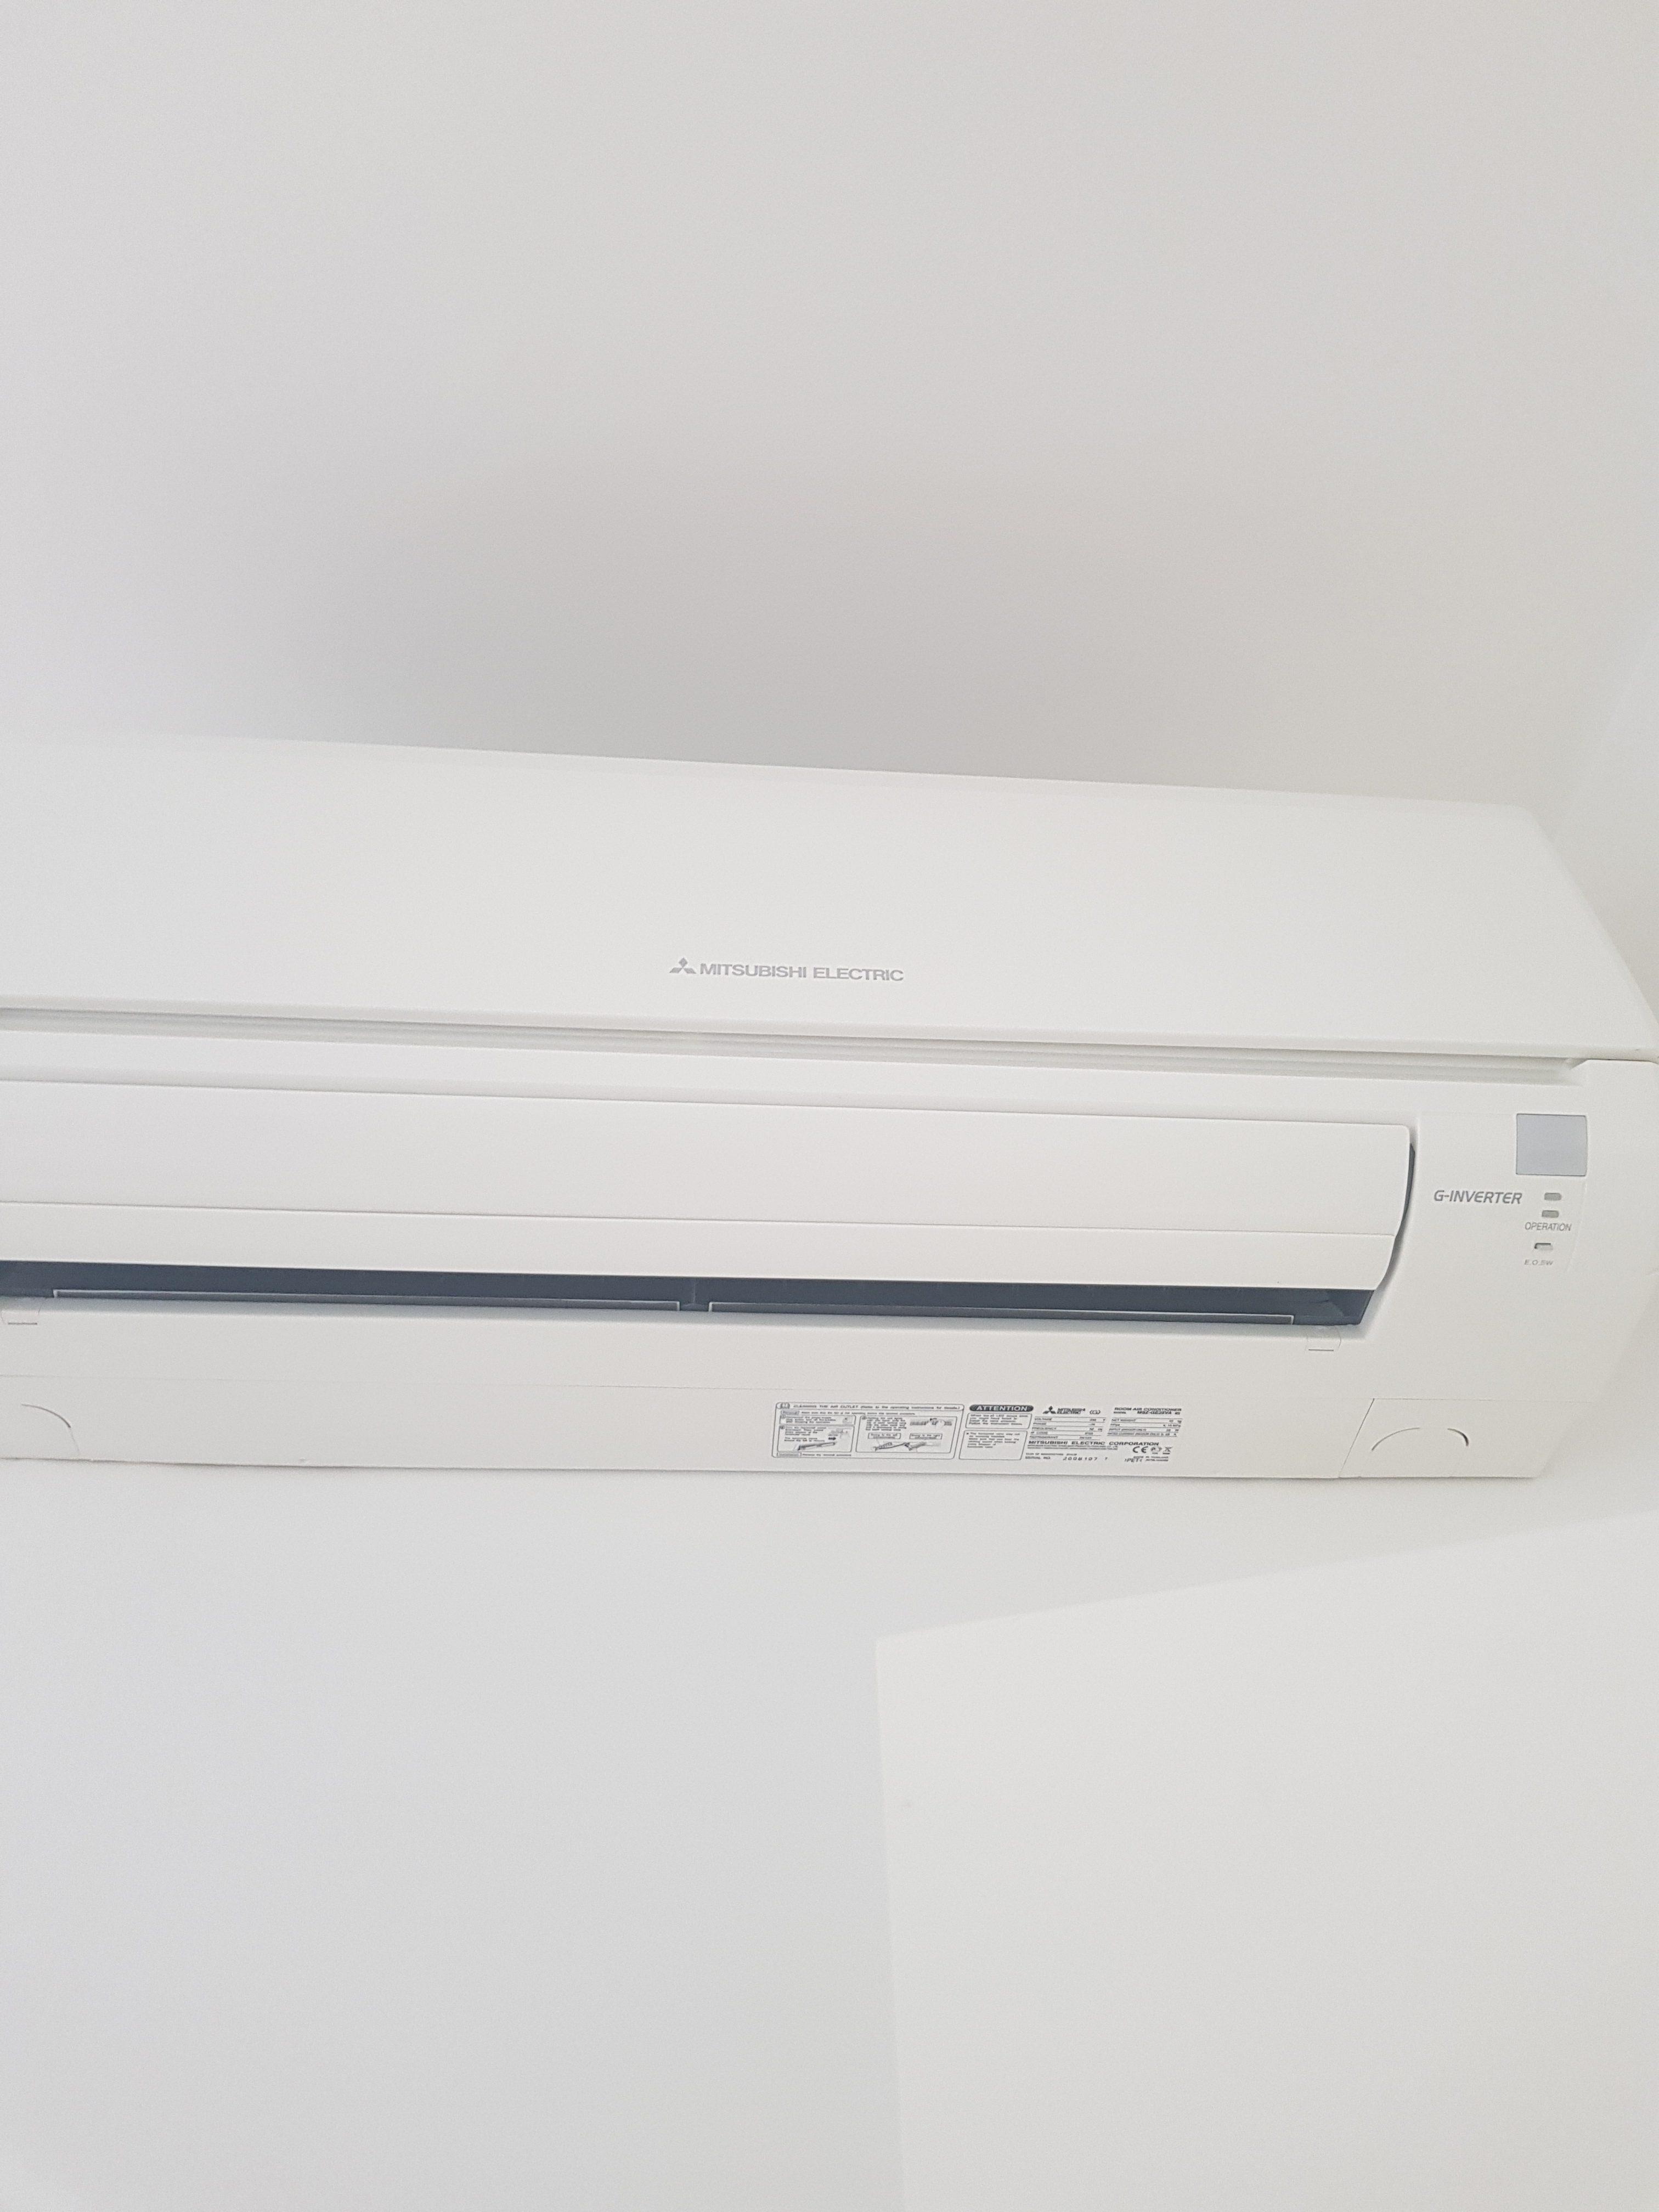 Cache Clim Pas Cher comment nettoyer les filtres d'une climatisation mitsubishi